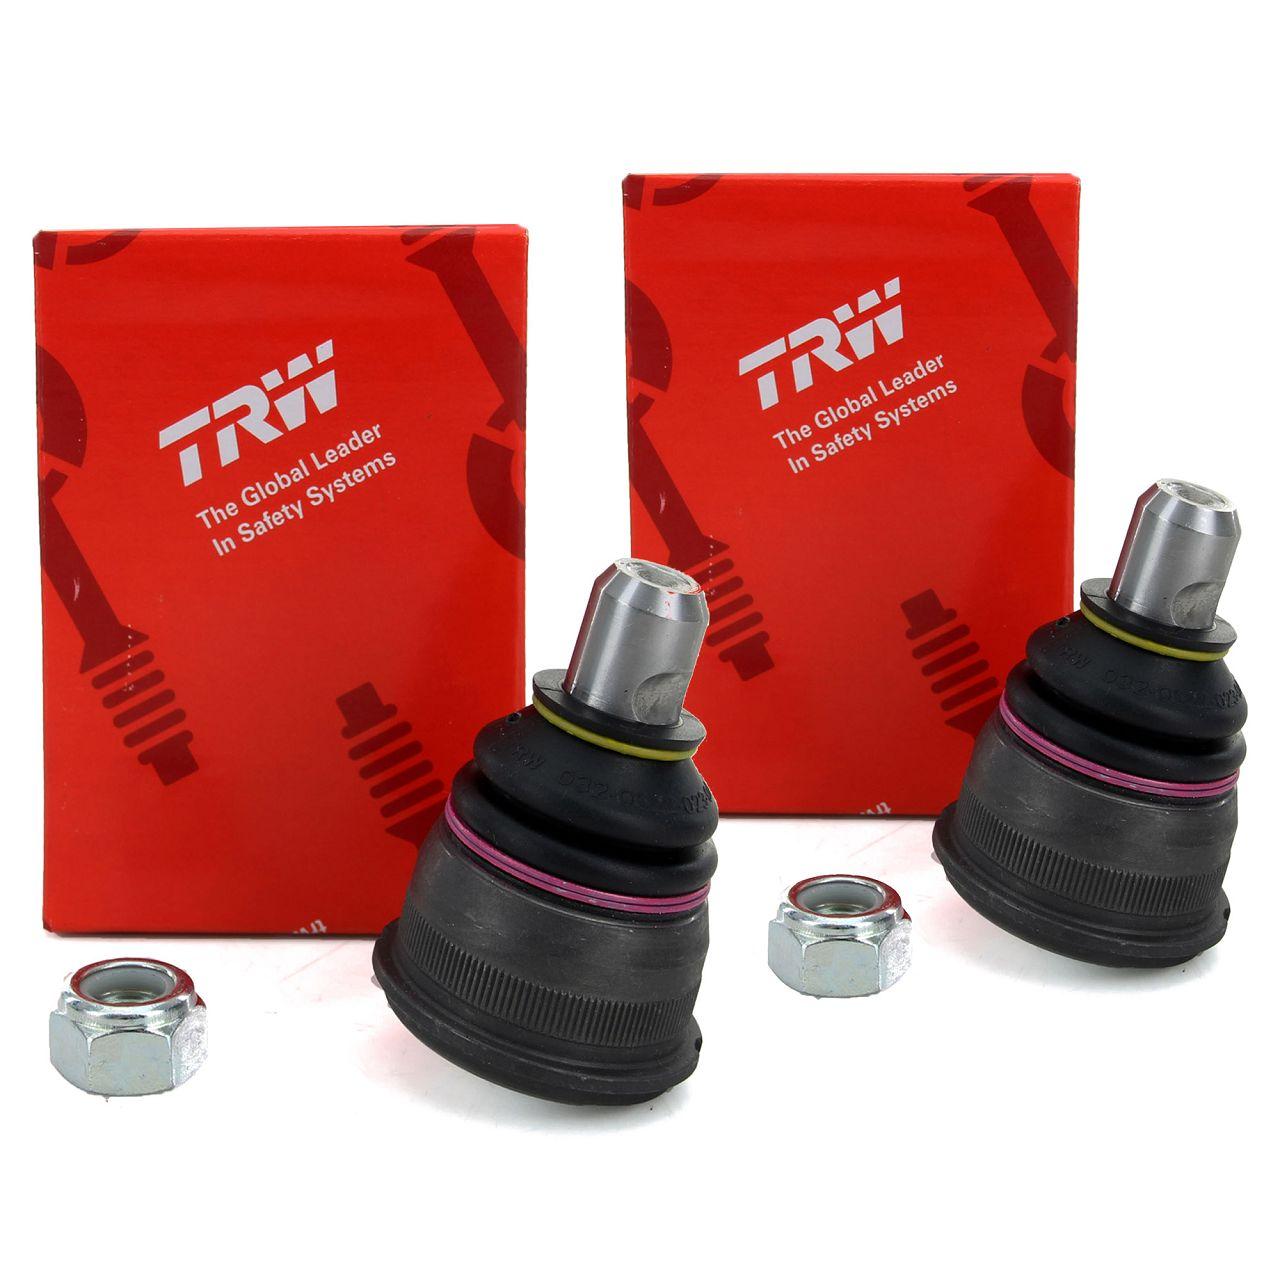 2x TRW Traggelenk für MERCEDES 190 W201 W124 R107 R129 vorne JBJ165